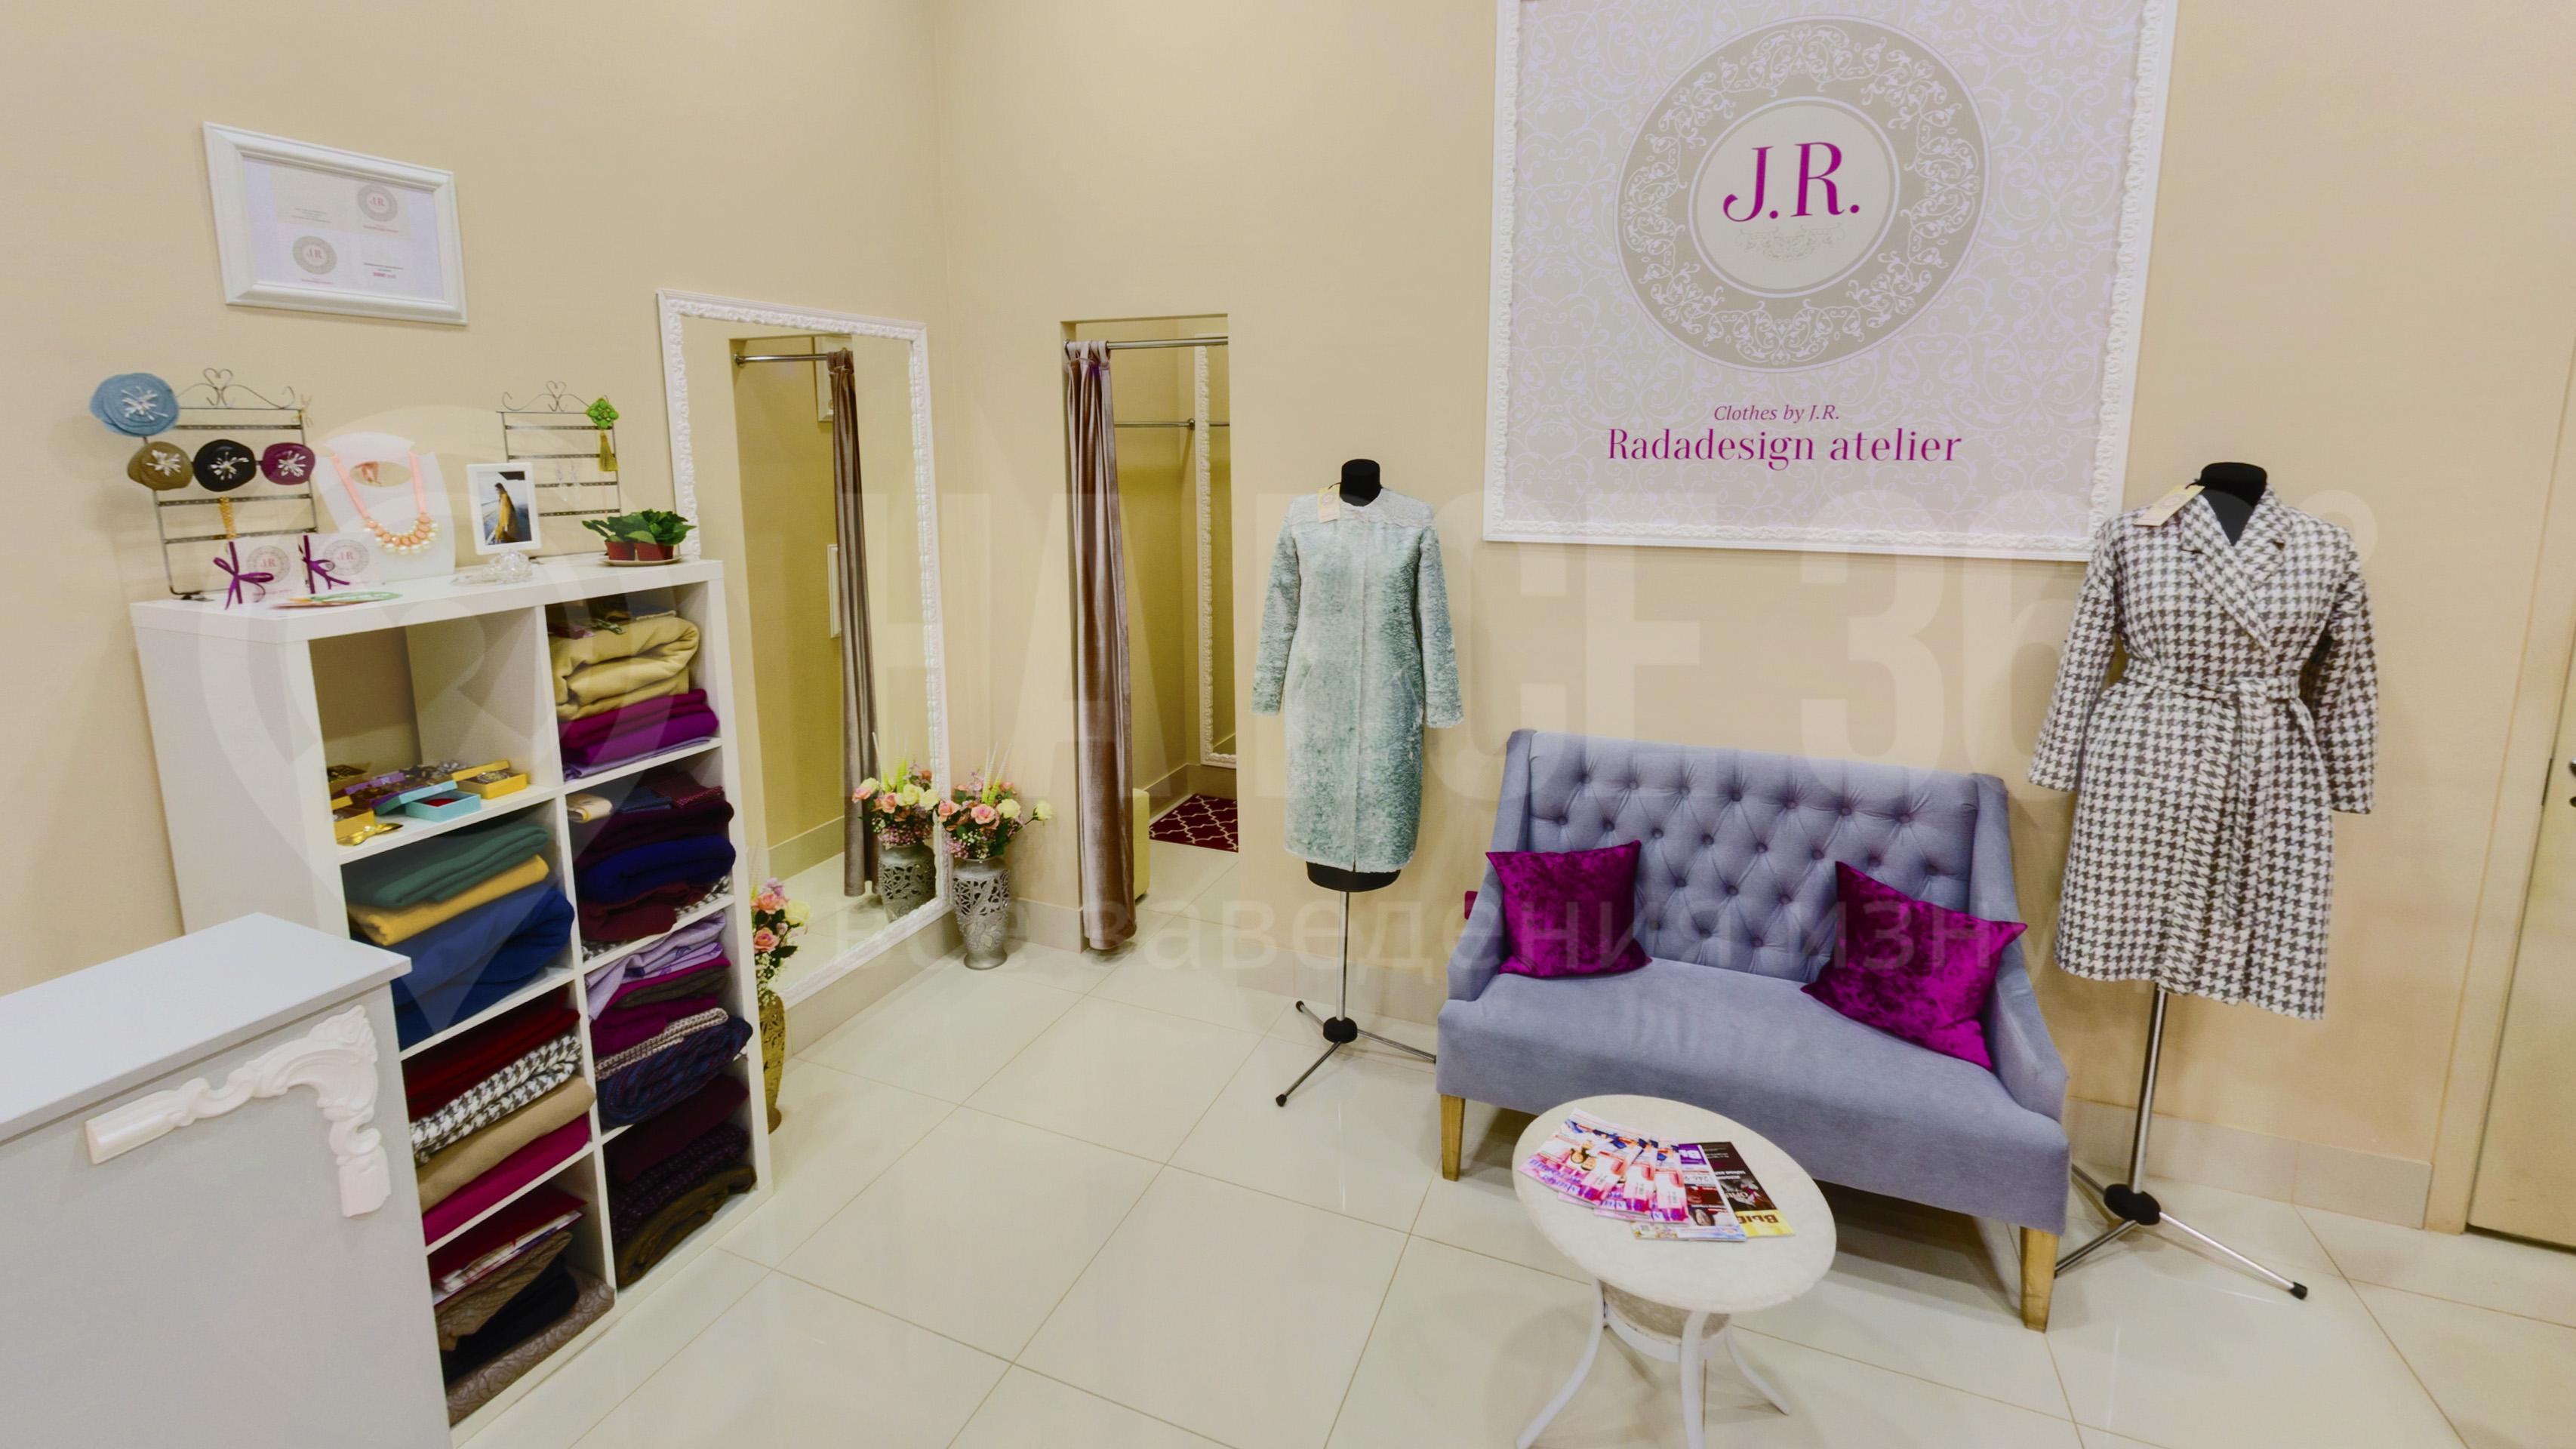 Одежда в ателье Radadesign atelier